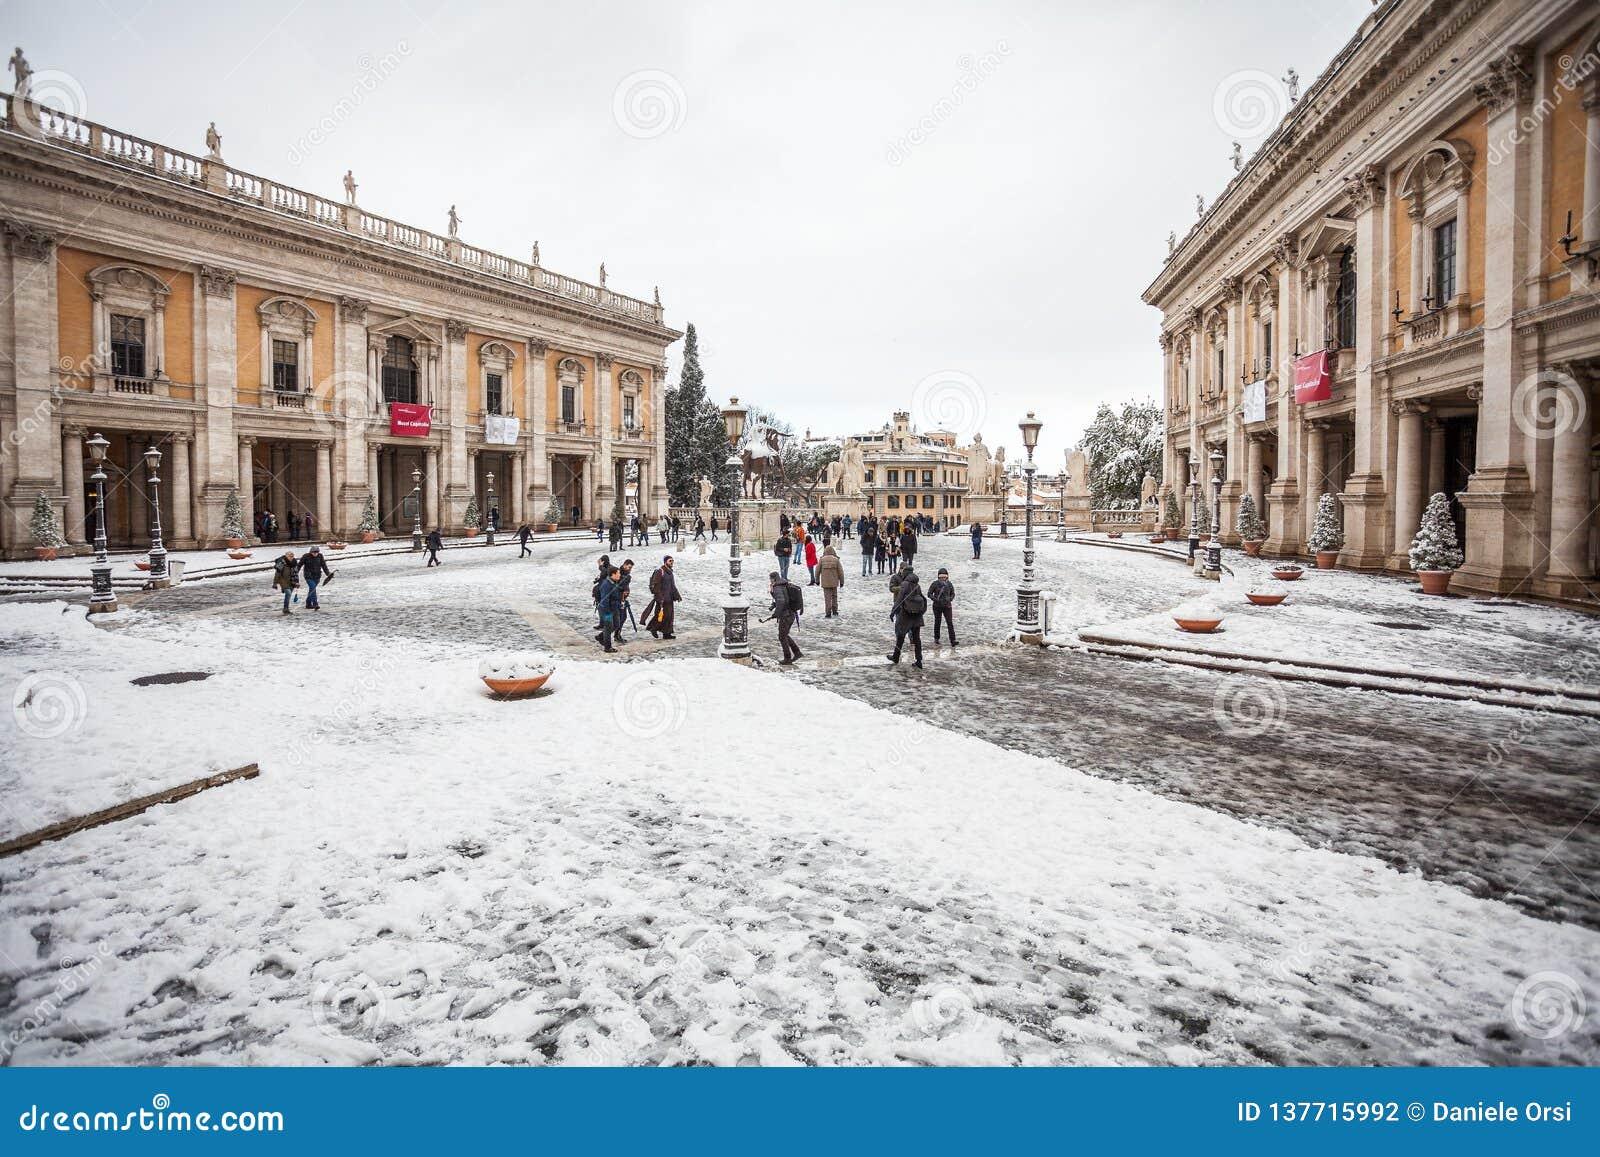 Un día precioso de nieve en Roma, Italia, el 26 de febrero de 2018: una hermosa vista del cuadrado de Capitoline debajo de la nie